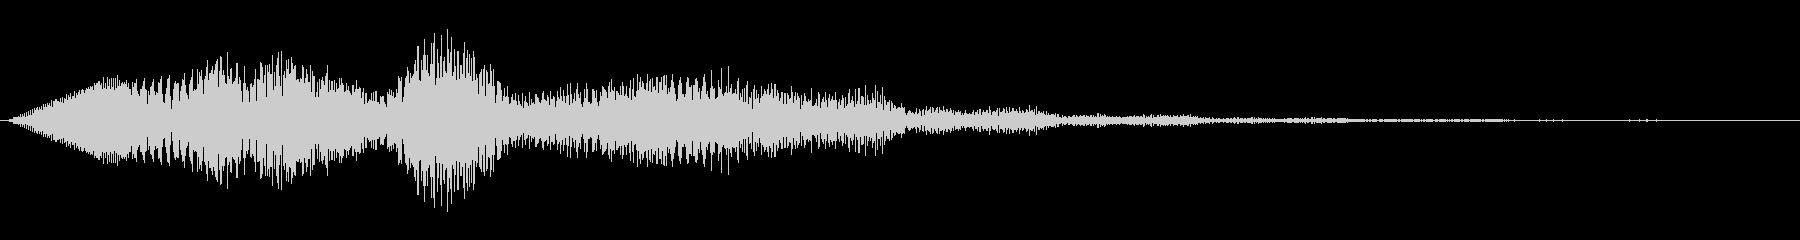 不吉な音(ノイズ)2の未再生の波形